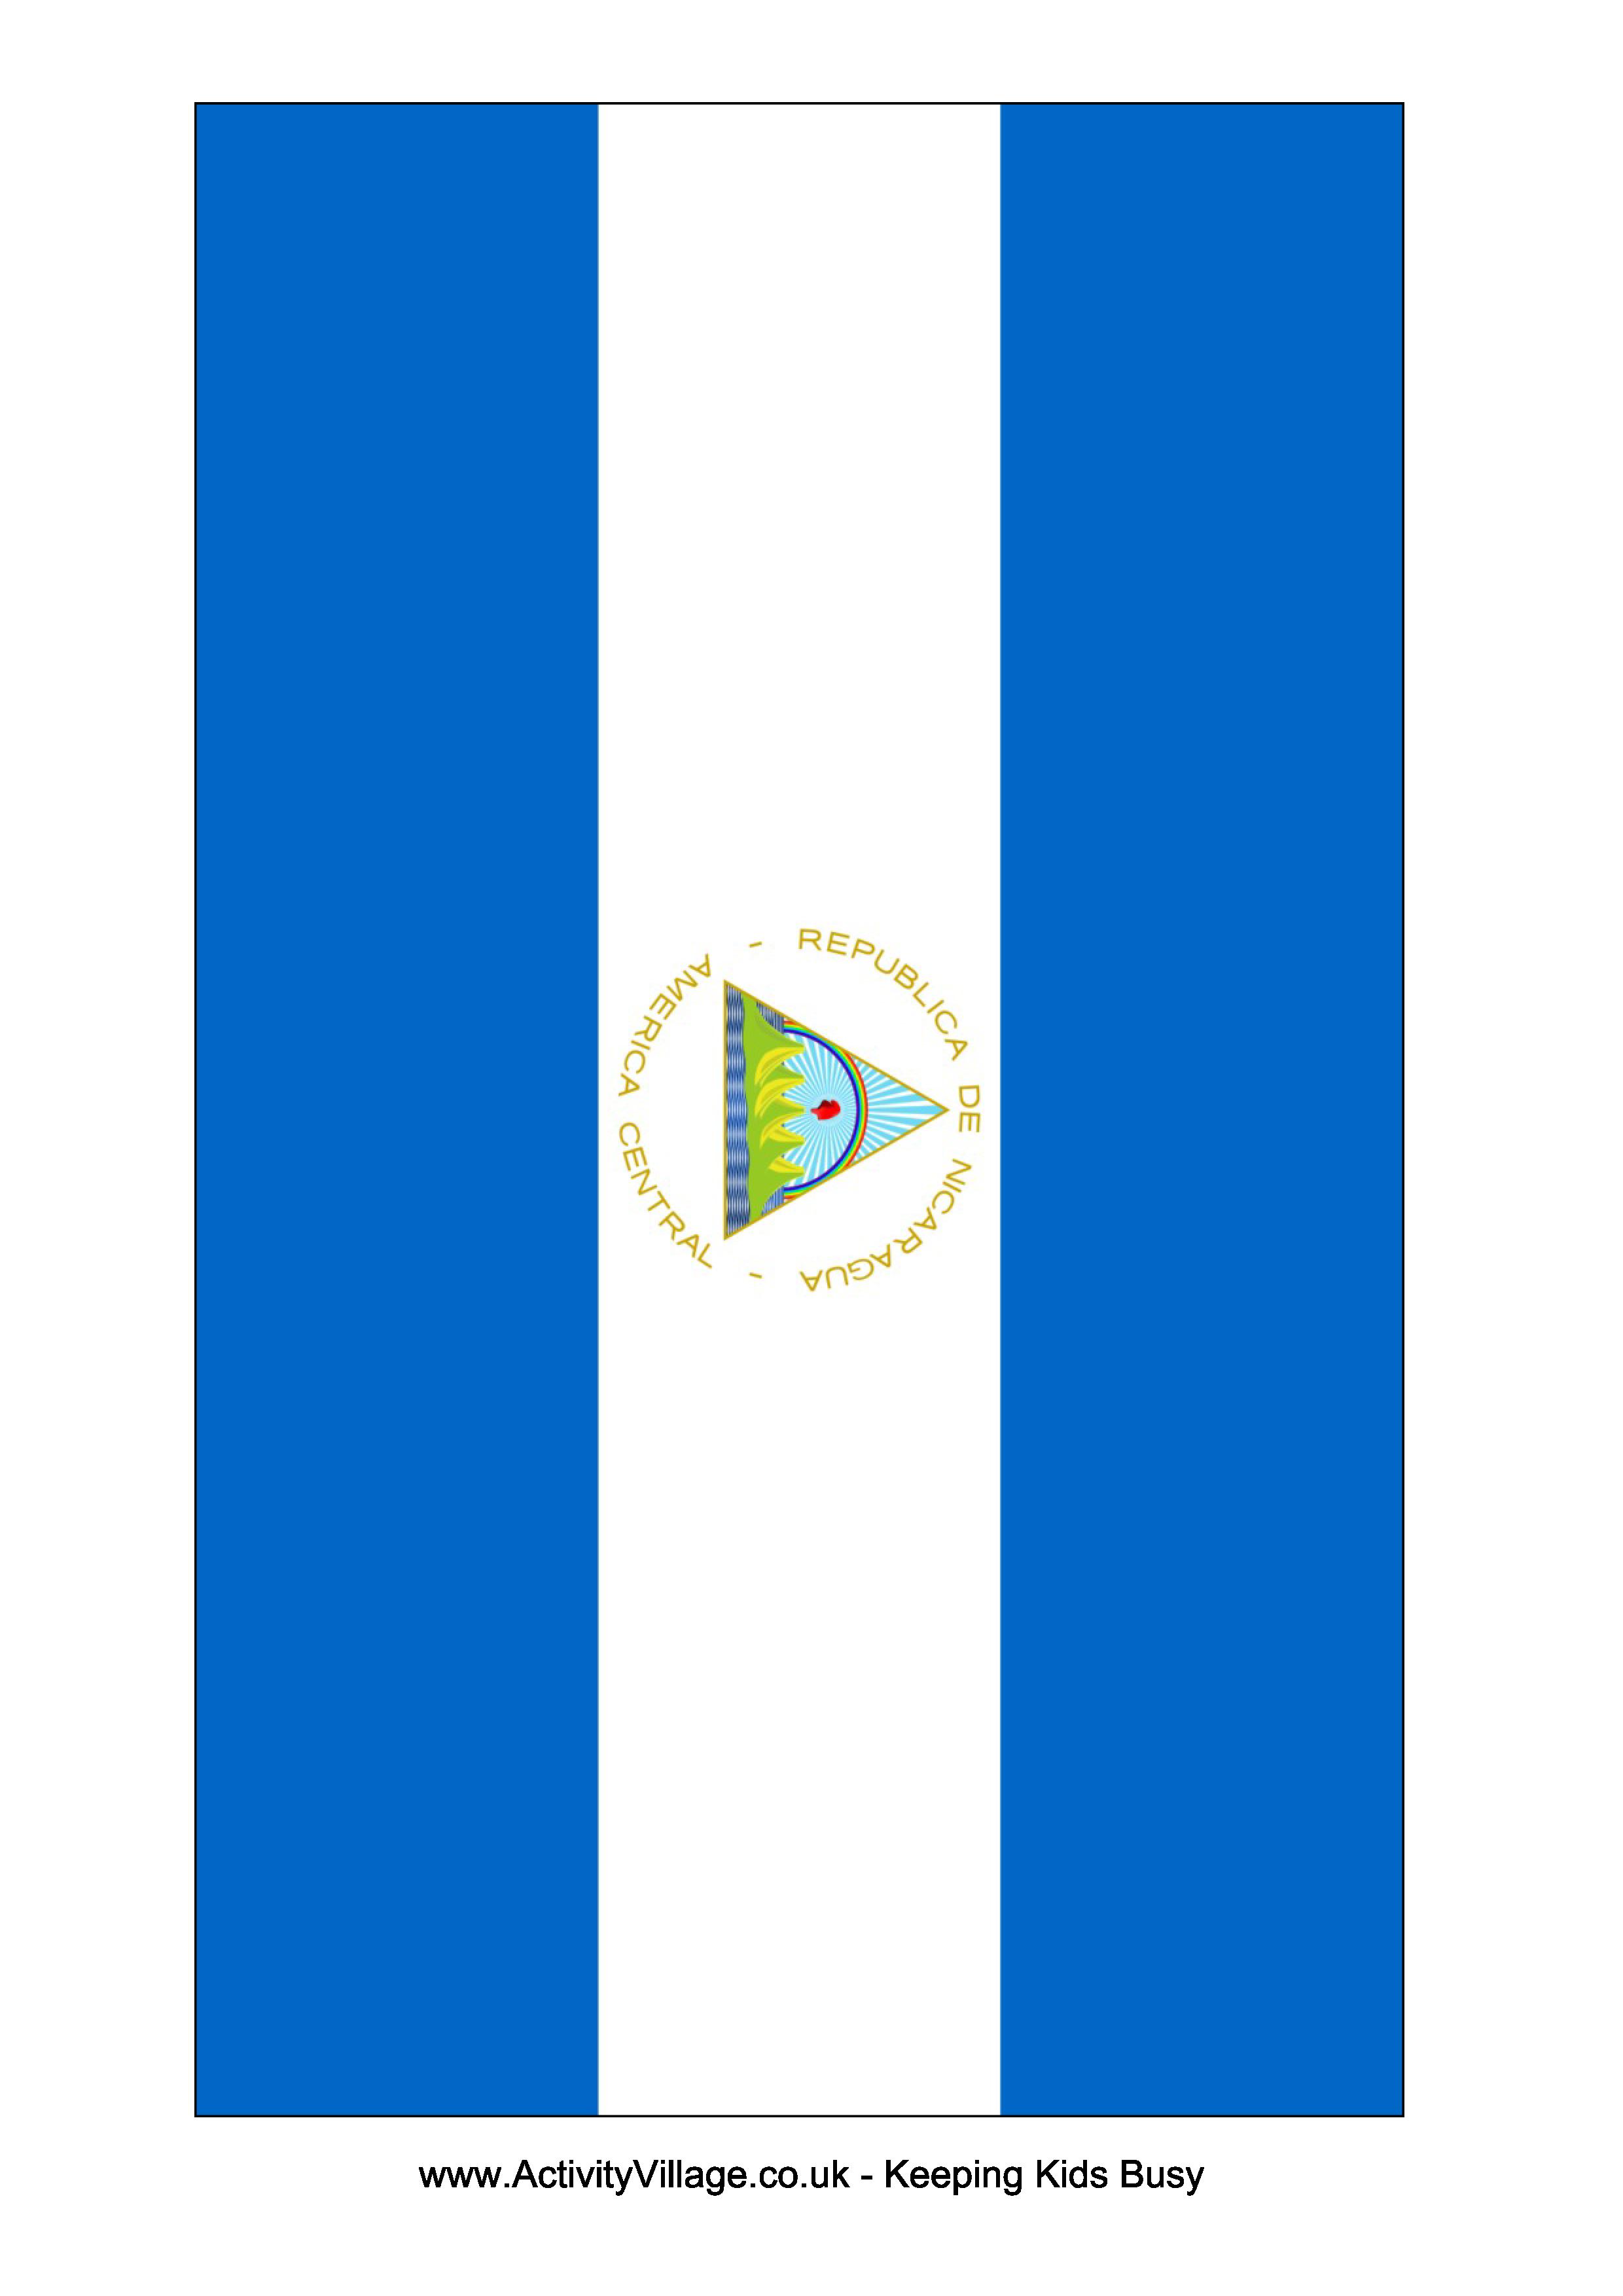 Nicaragua Flag Download This Free Printable Nicaragua Template A4 Flag A5 Flag 8 And 21 Flags On One A4page Ea Nicaragua Flag Flag Template Flag Printable